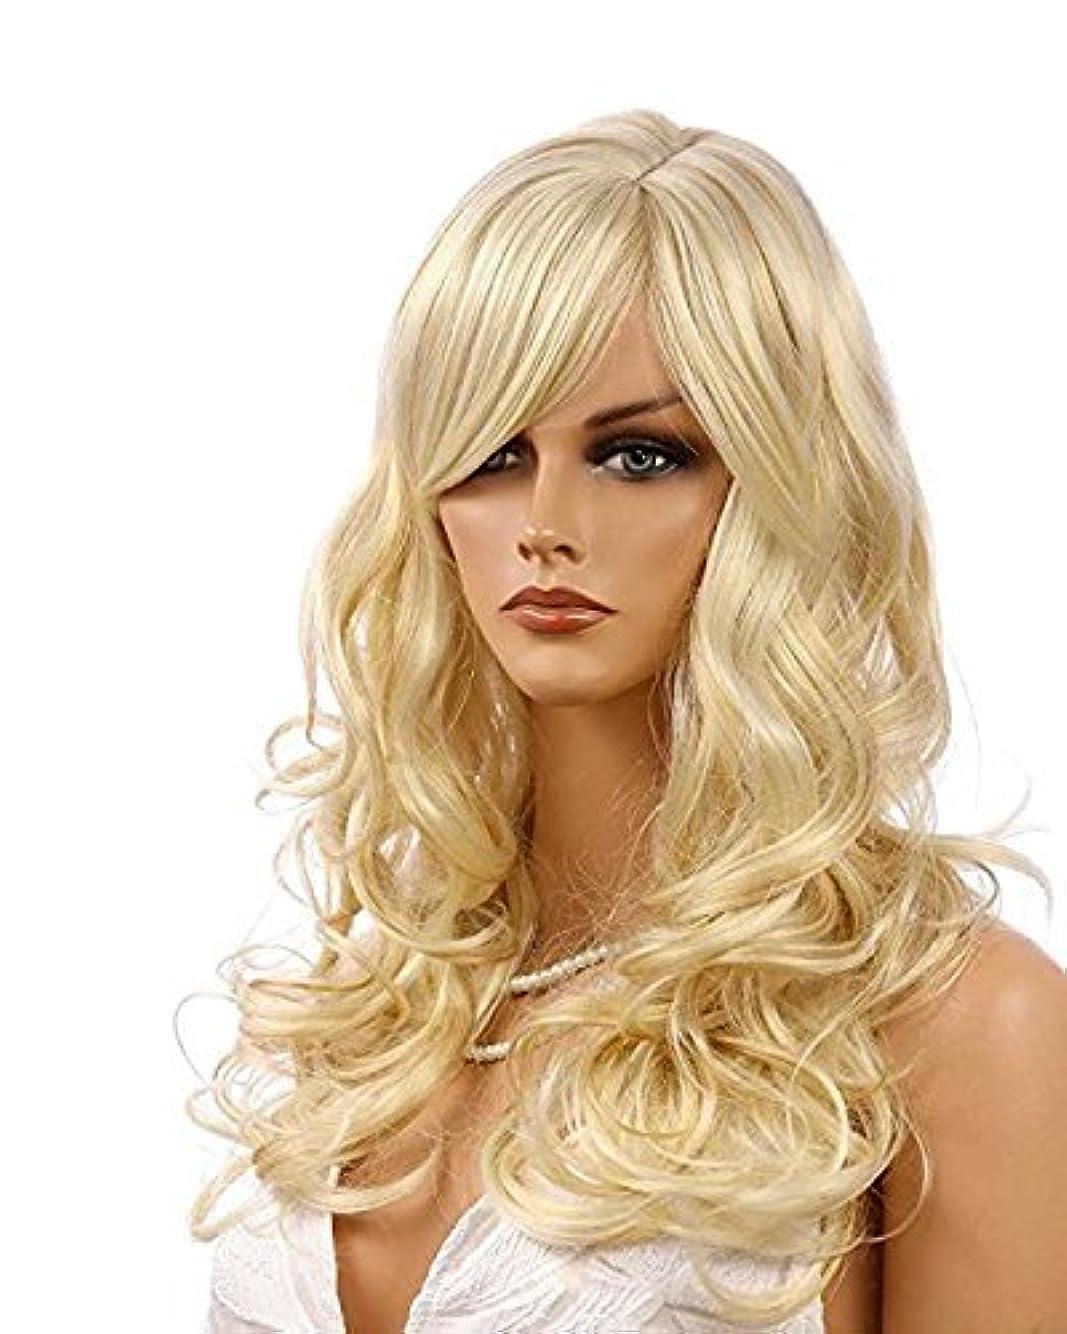 気分サイズ案件女性のウィッグコスプレコスチュームパーティーファンシードレス合成毛のブロンド女性の女の子のための長いひねりのウィッグ